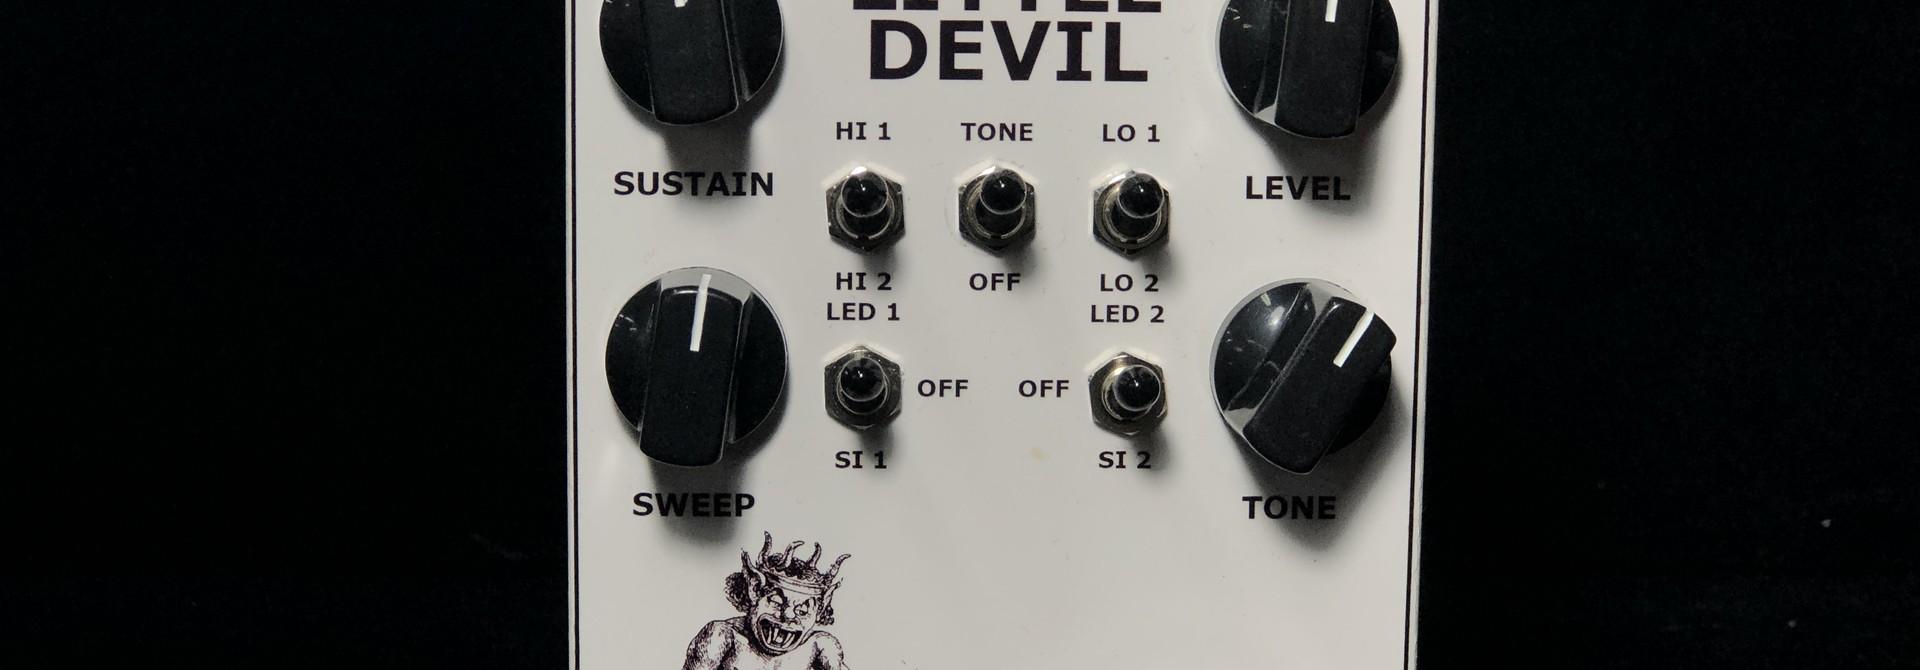 Dirtsboxes Little Devil